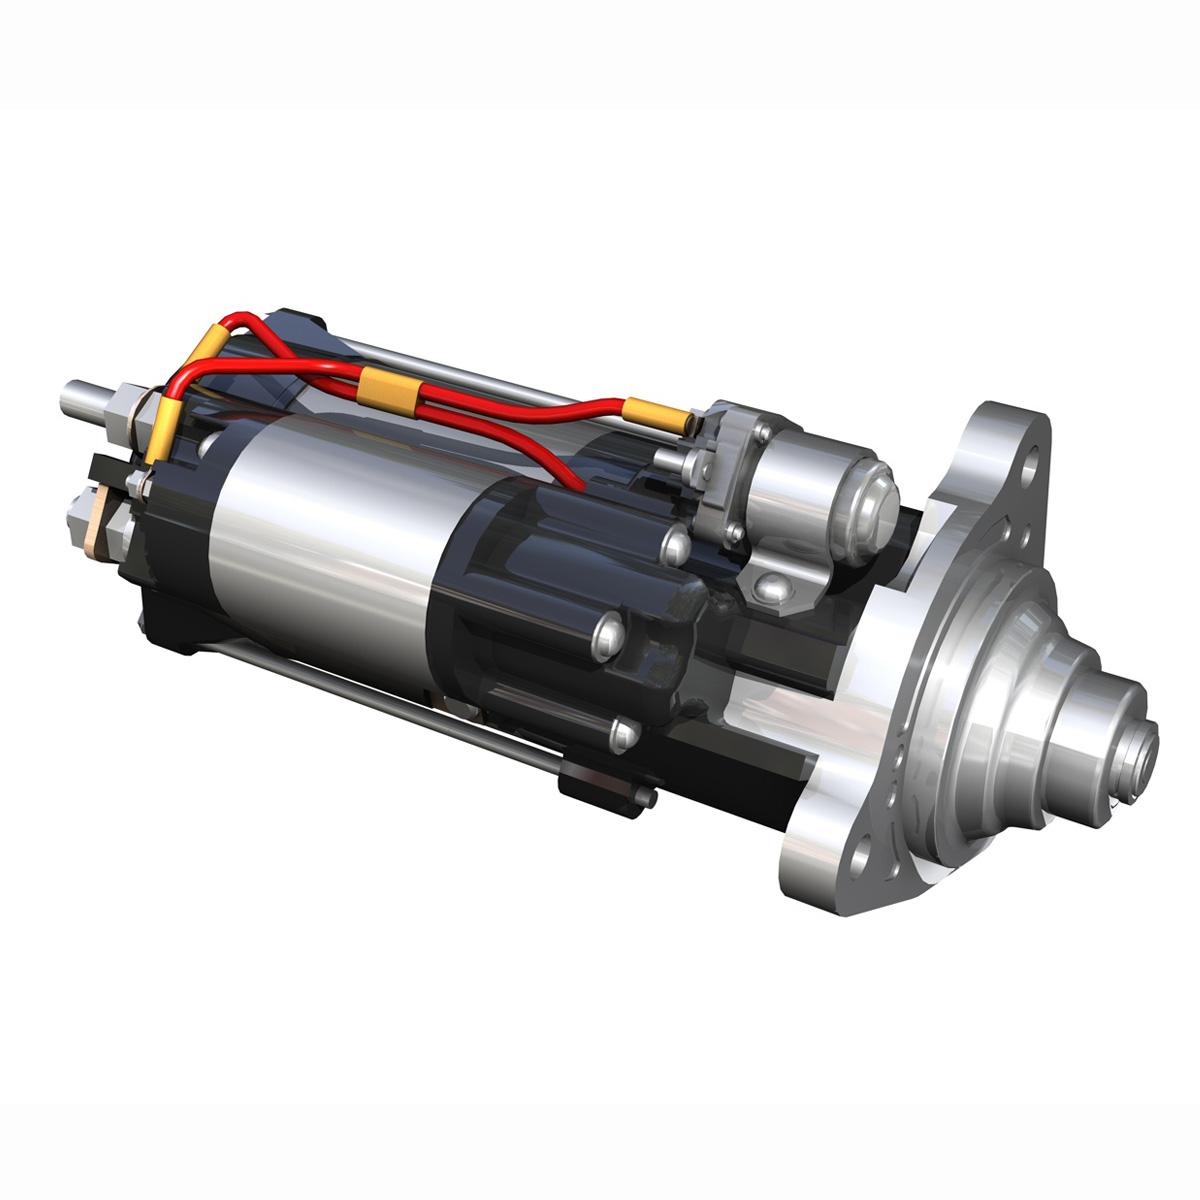 starter motor 3d model 3ds fbx c4d lwo obj 190115